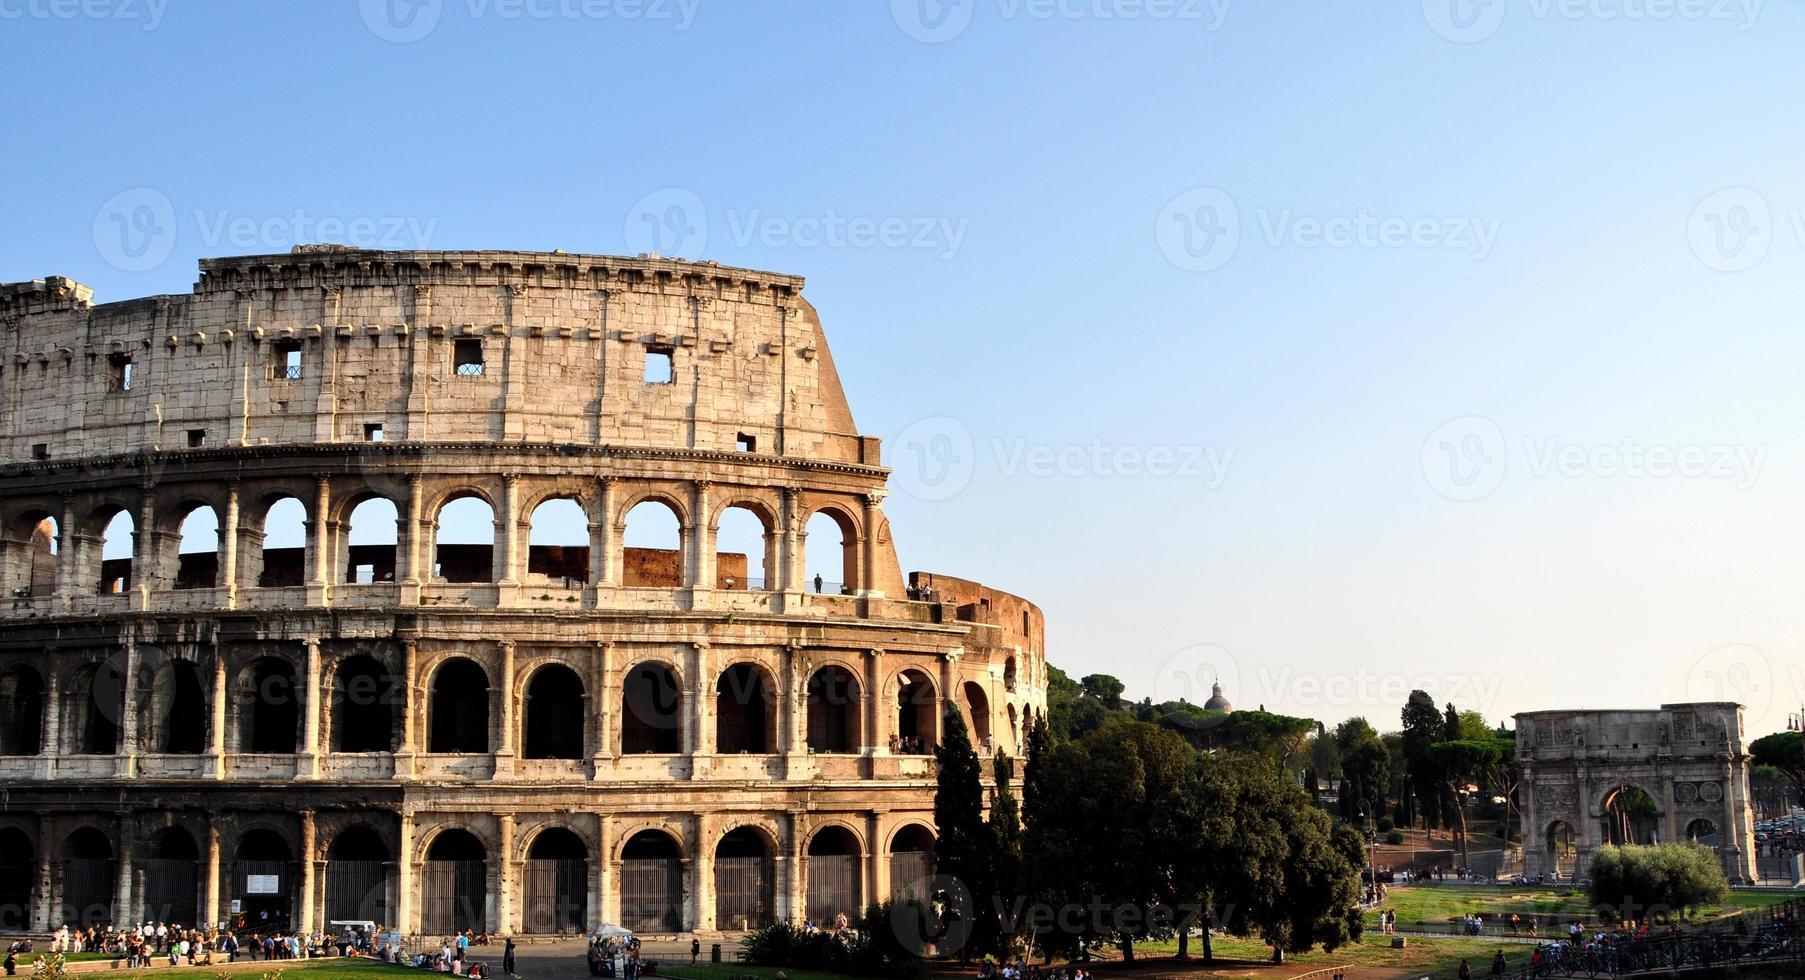 il colosseo romano e l'arco di costantino foto